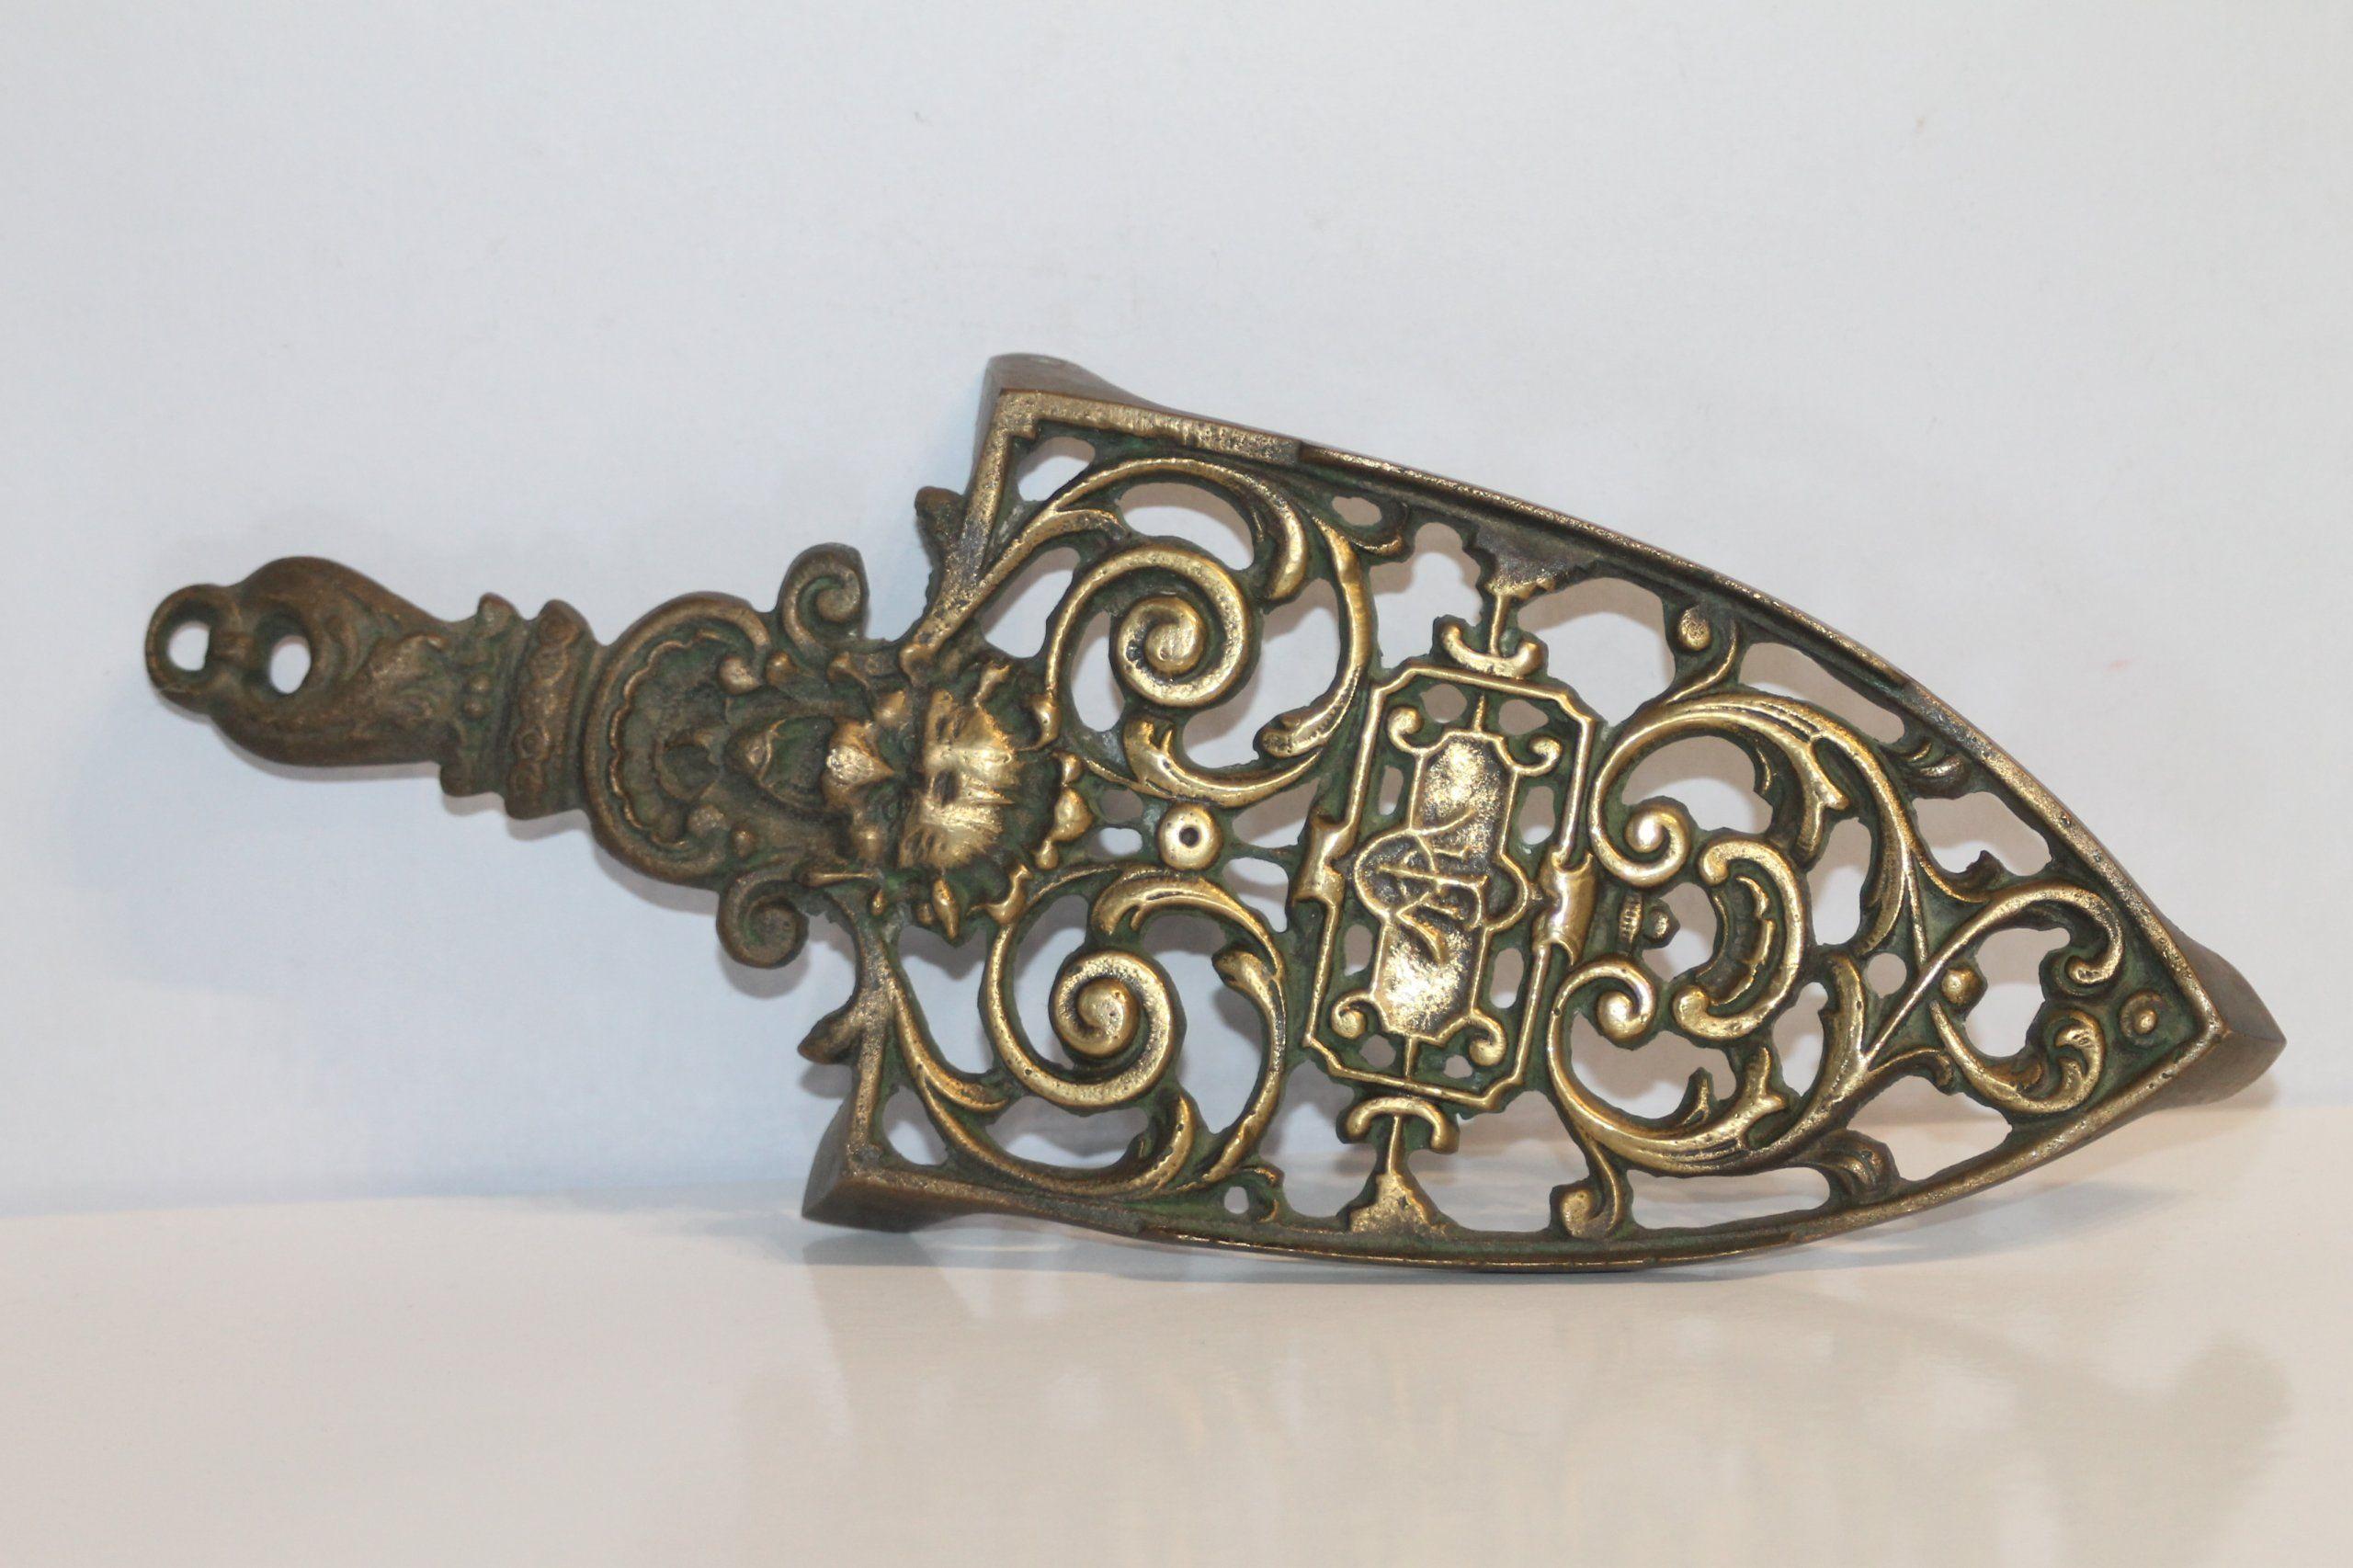 Ciekawa Podstawka Pod Zelazko Mosiadz 7173089710 Oficjalne Archiwum Allegro Antique Collection Silver Cuff Bracelets